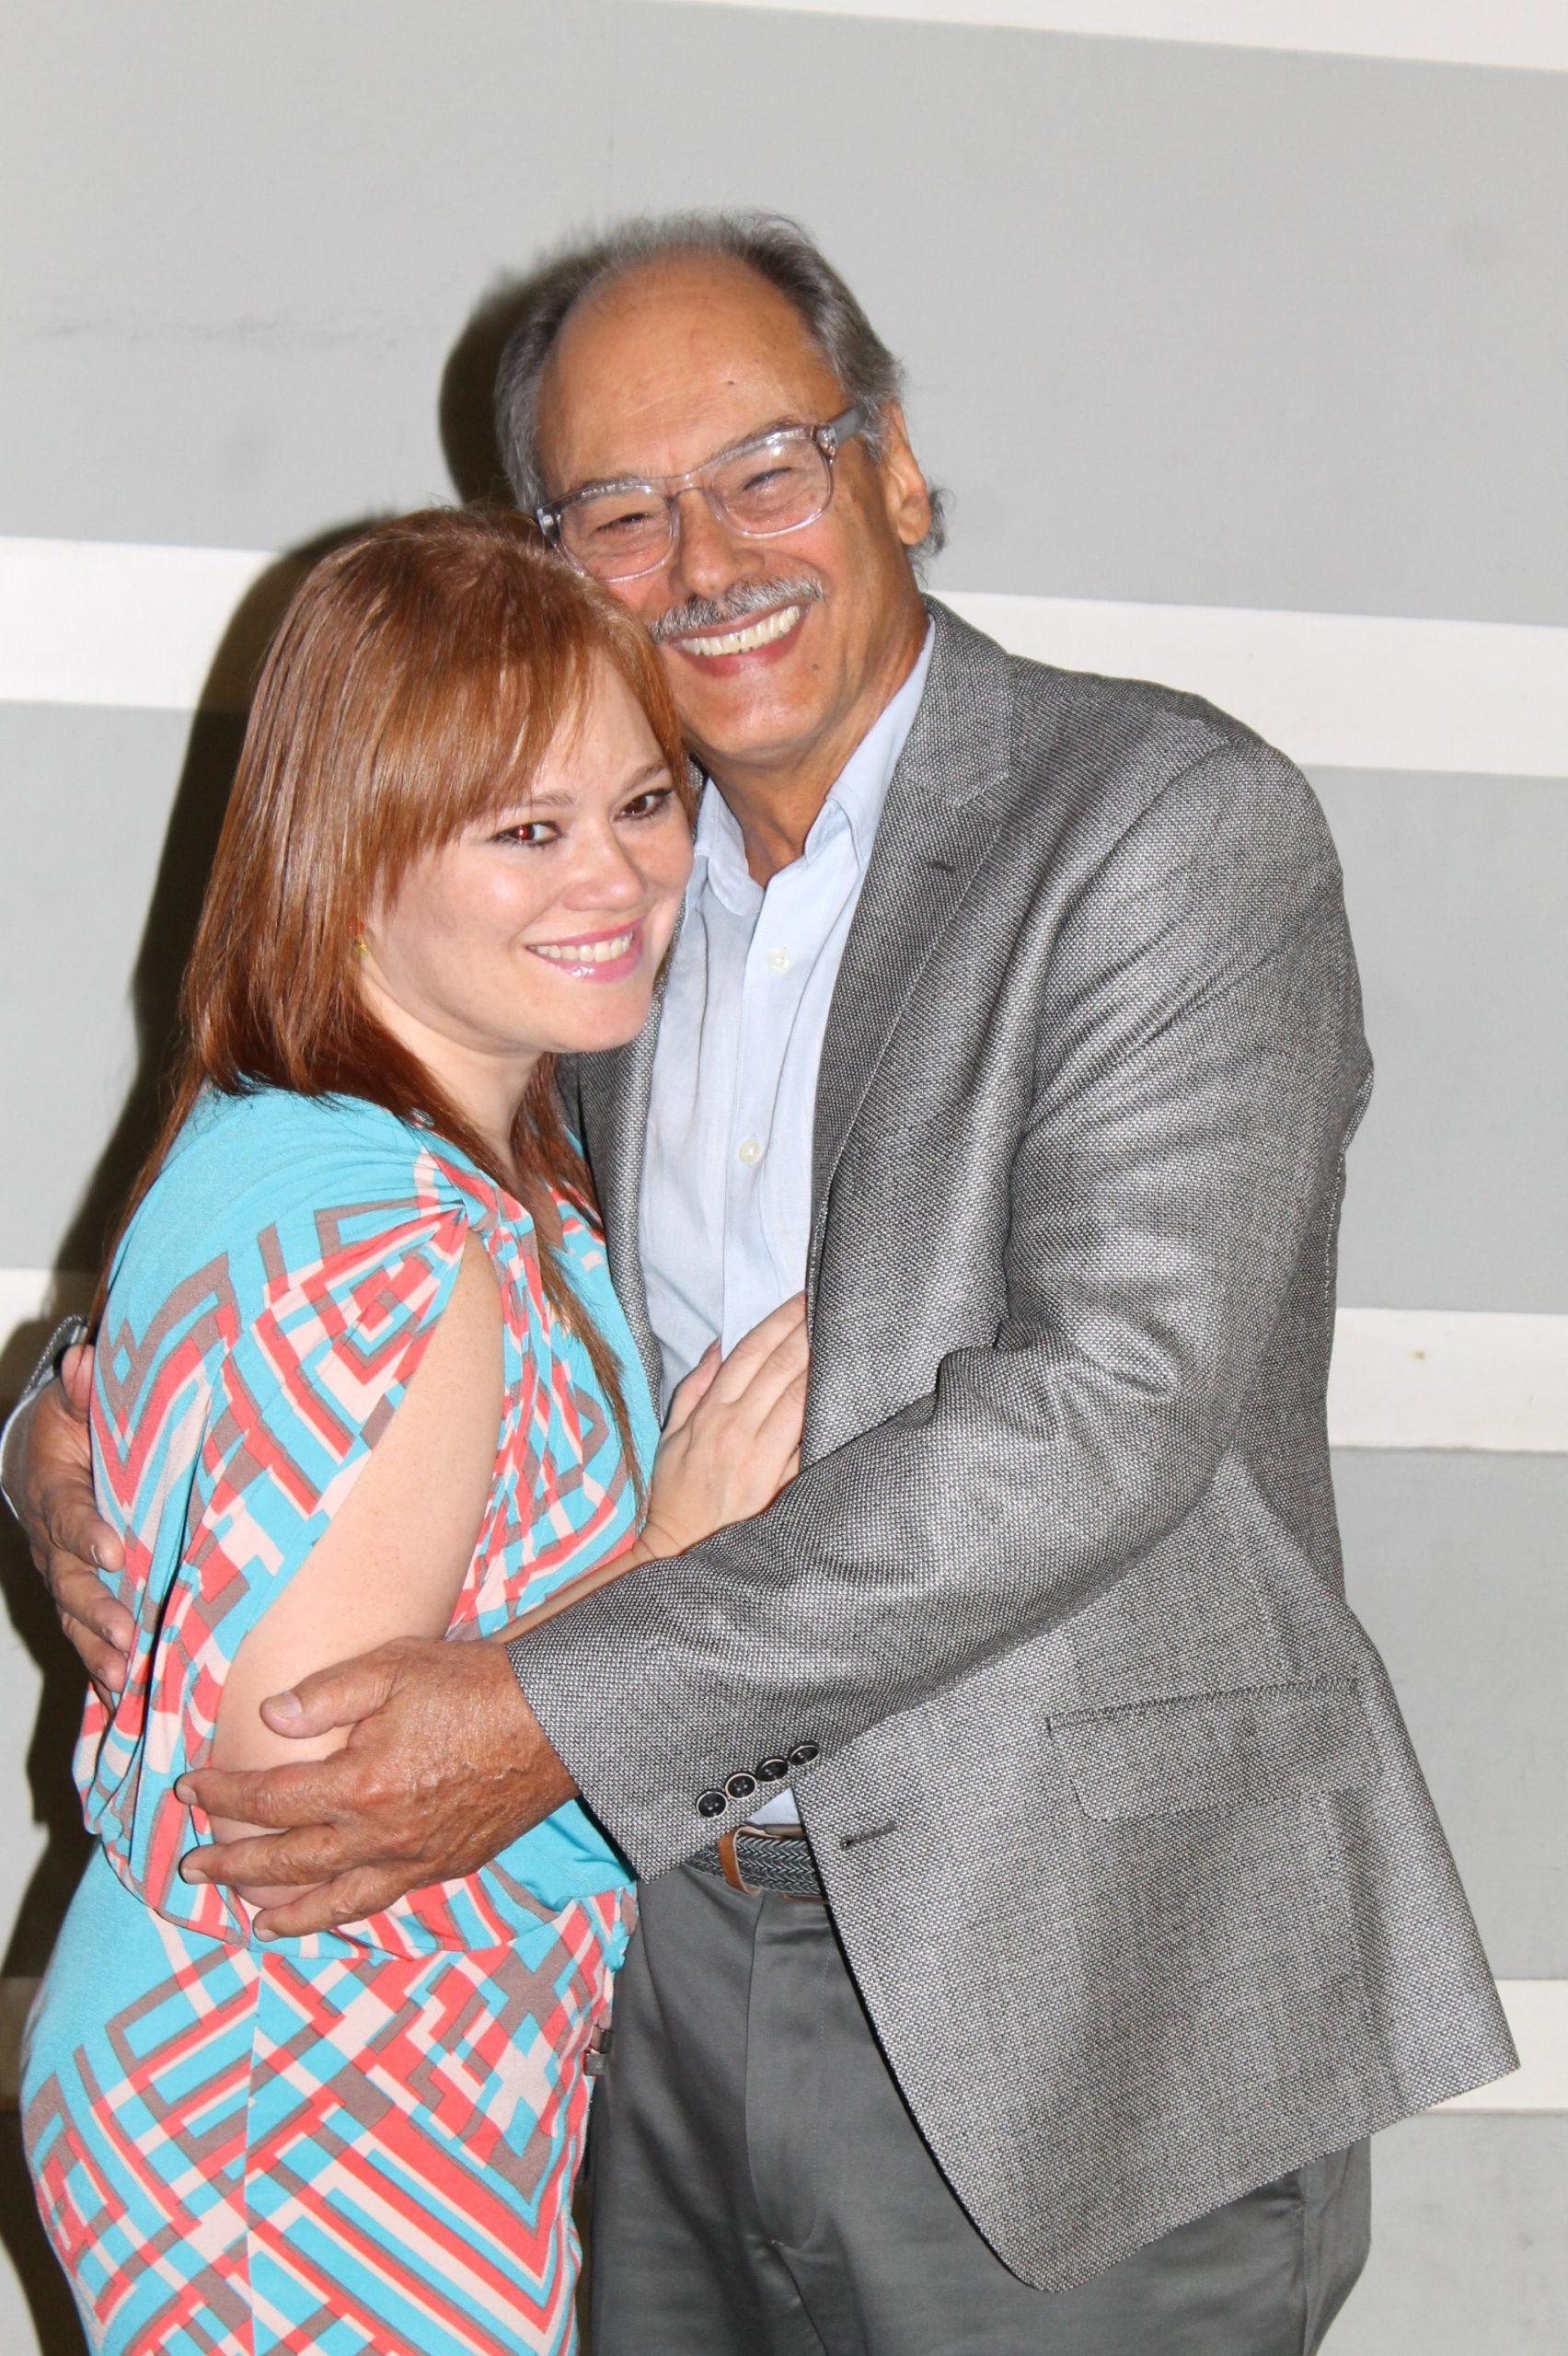 La periodista Liza Lugo felicitó a su progenitor ante este nuevo proyecto fílmico. (Foto Edgar Torres para Fundación Nacional para la Cultura Popular).